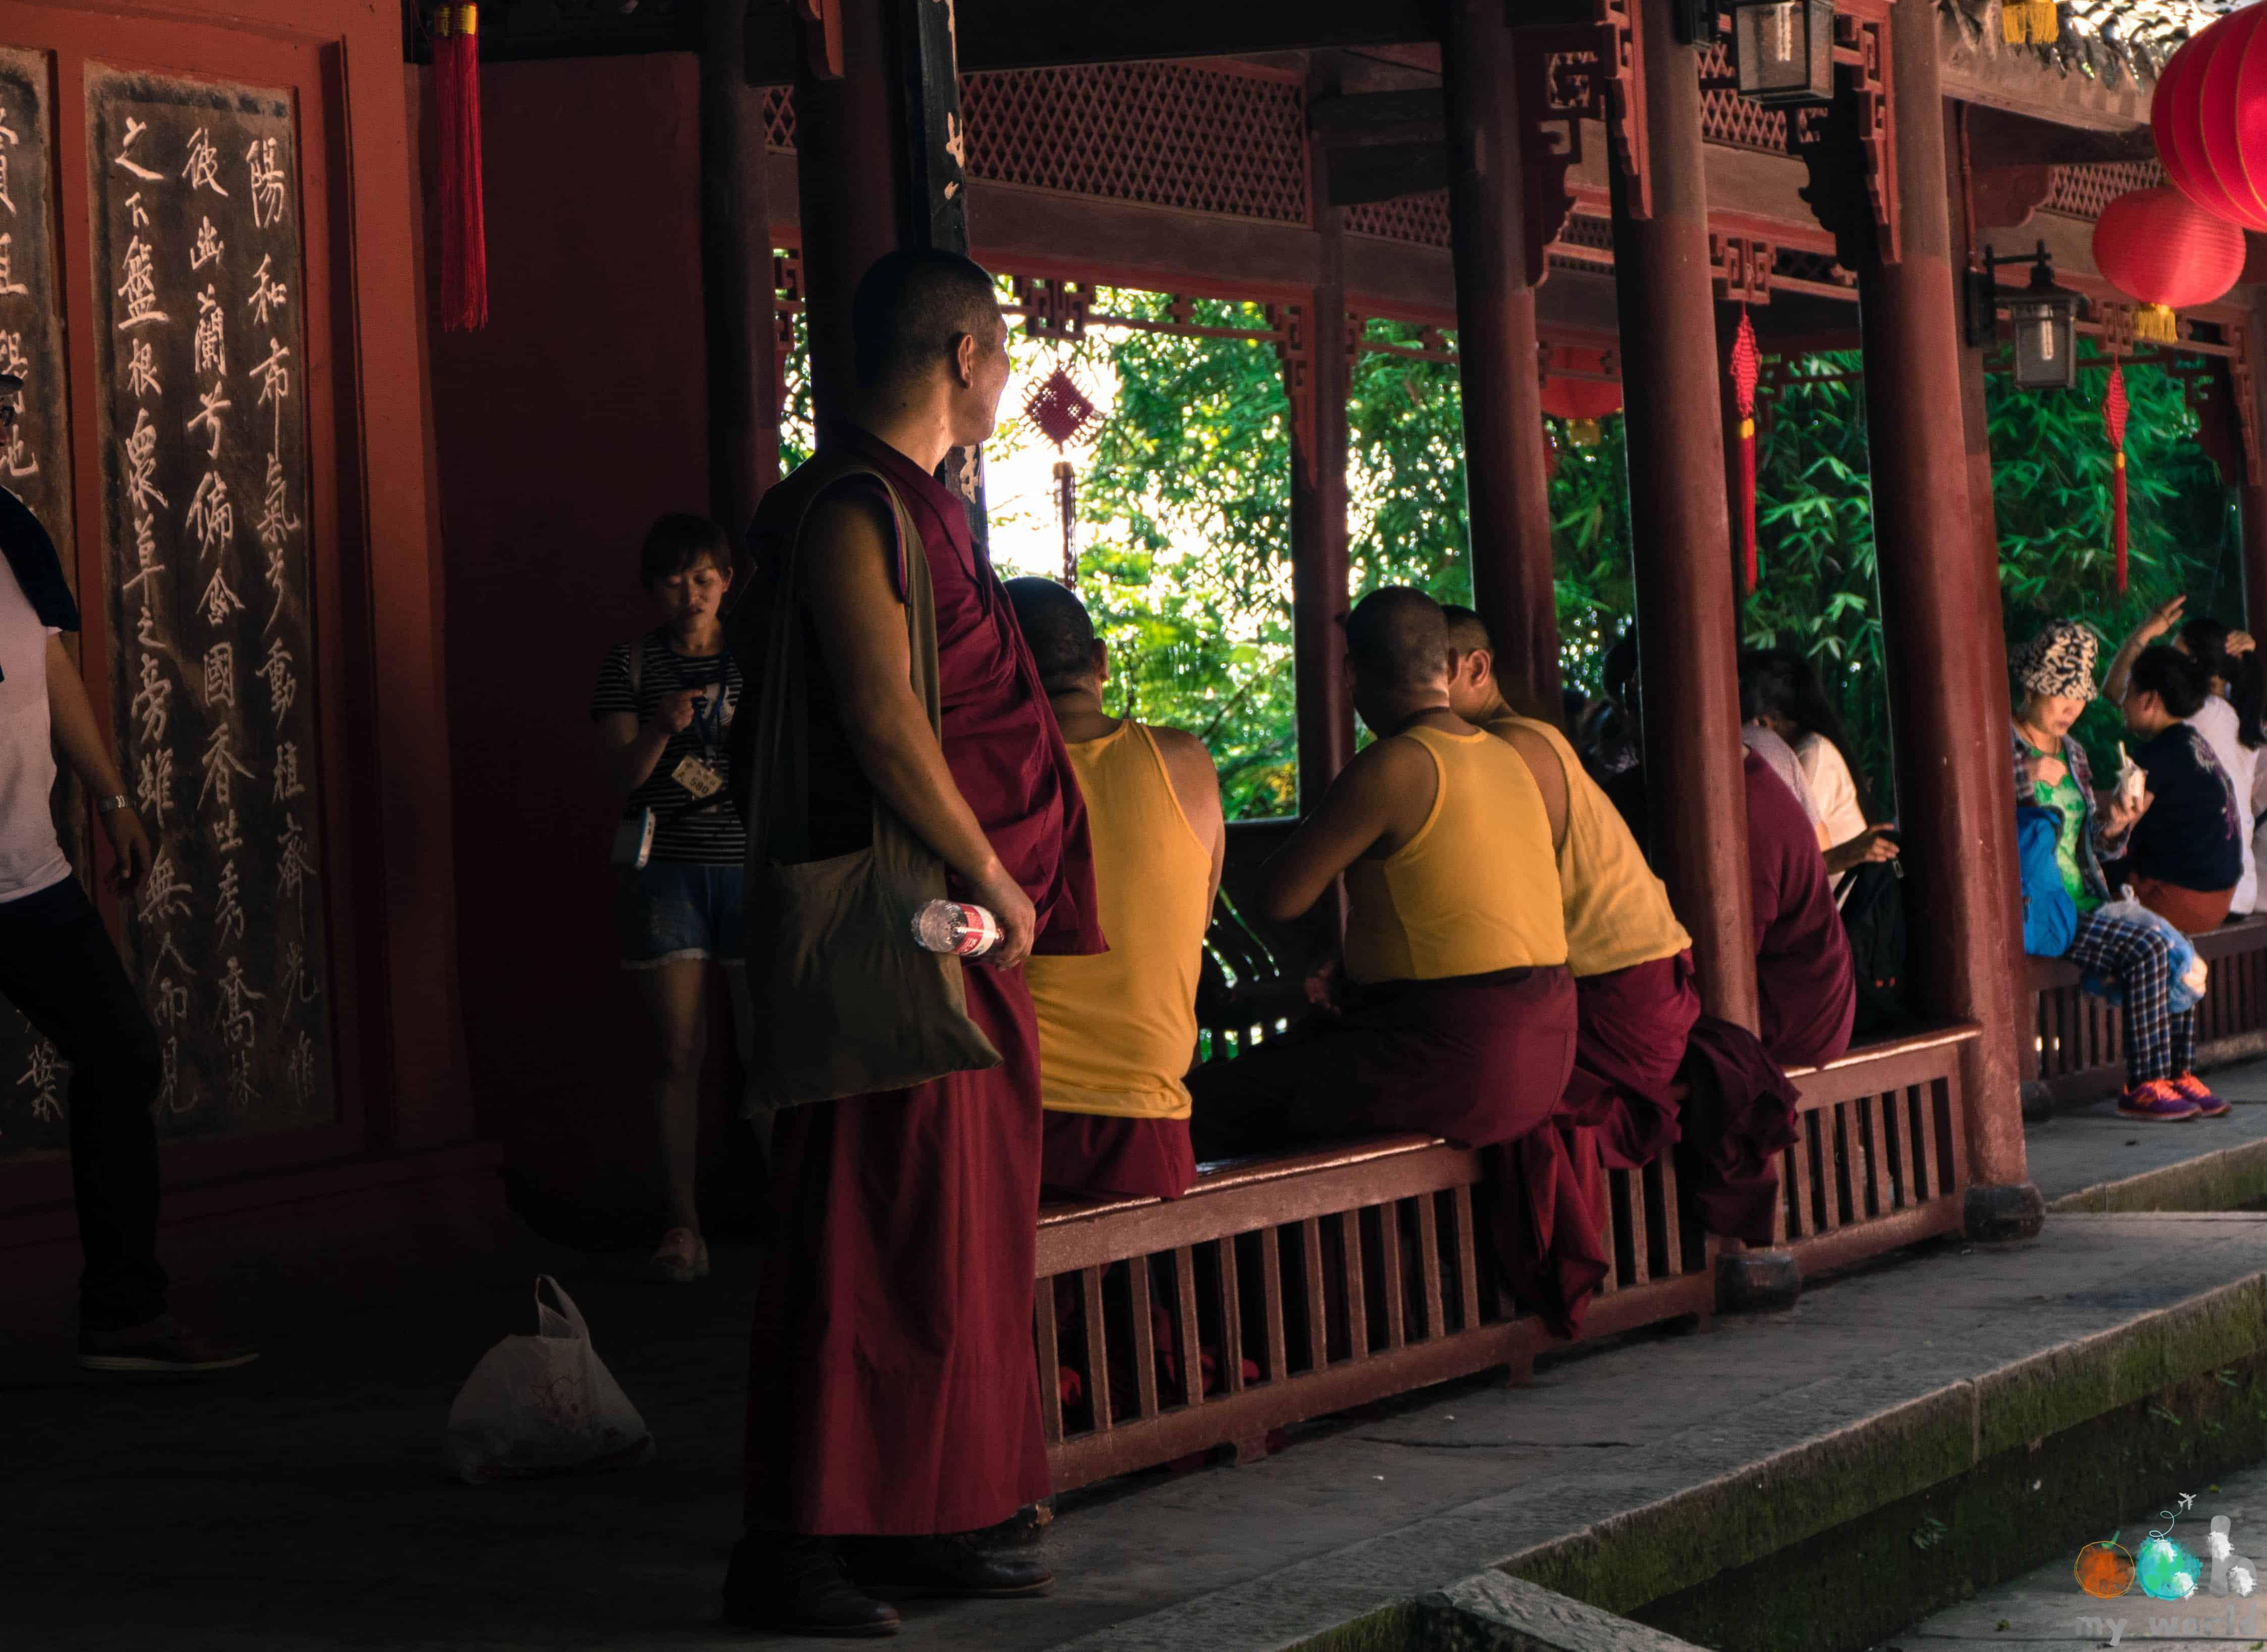 Les moines bouddhistes en pélerinage à Leshan en Chine